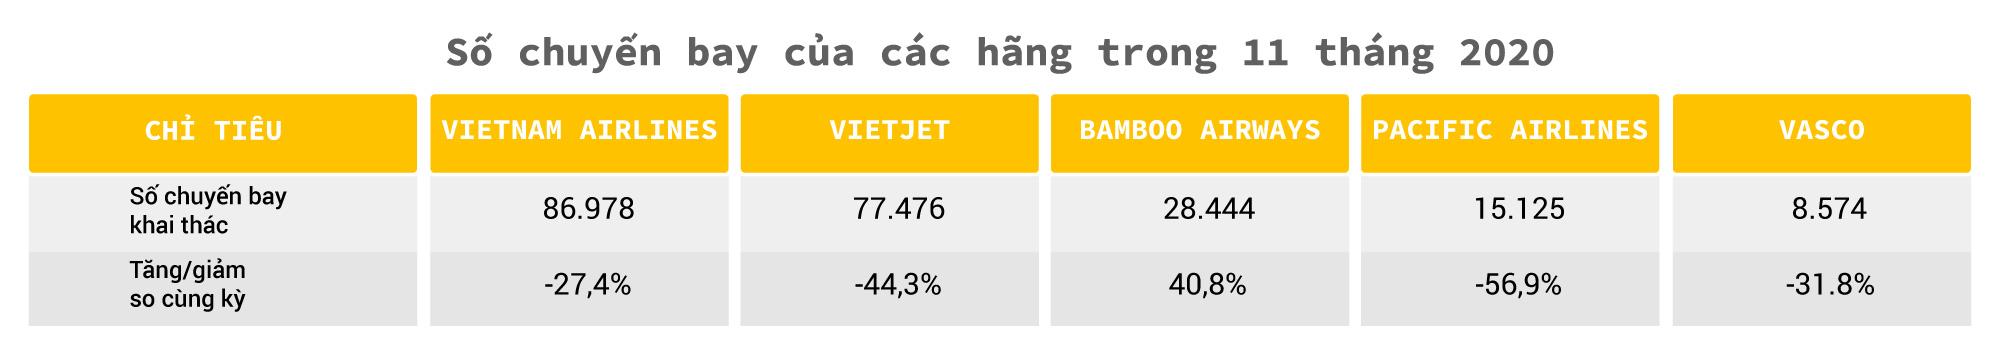 Hàng không Việt một năm 'bay trong bão' - Ảnh 5.